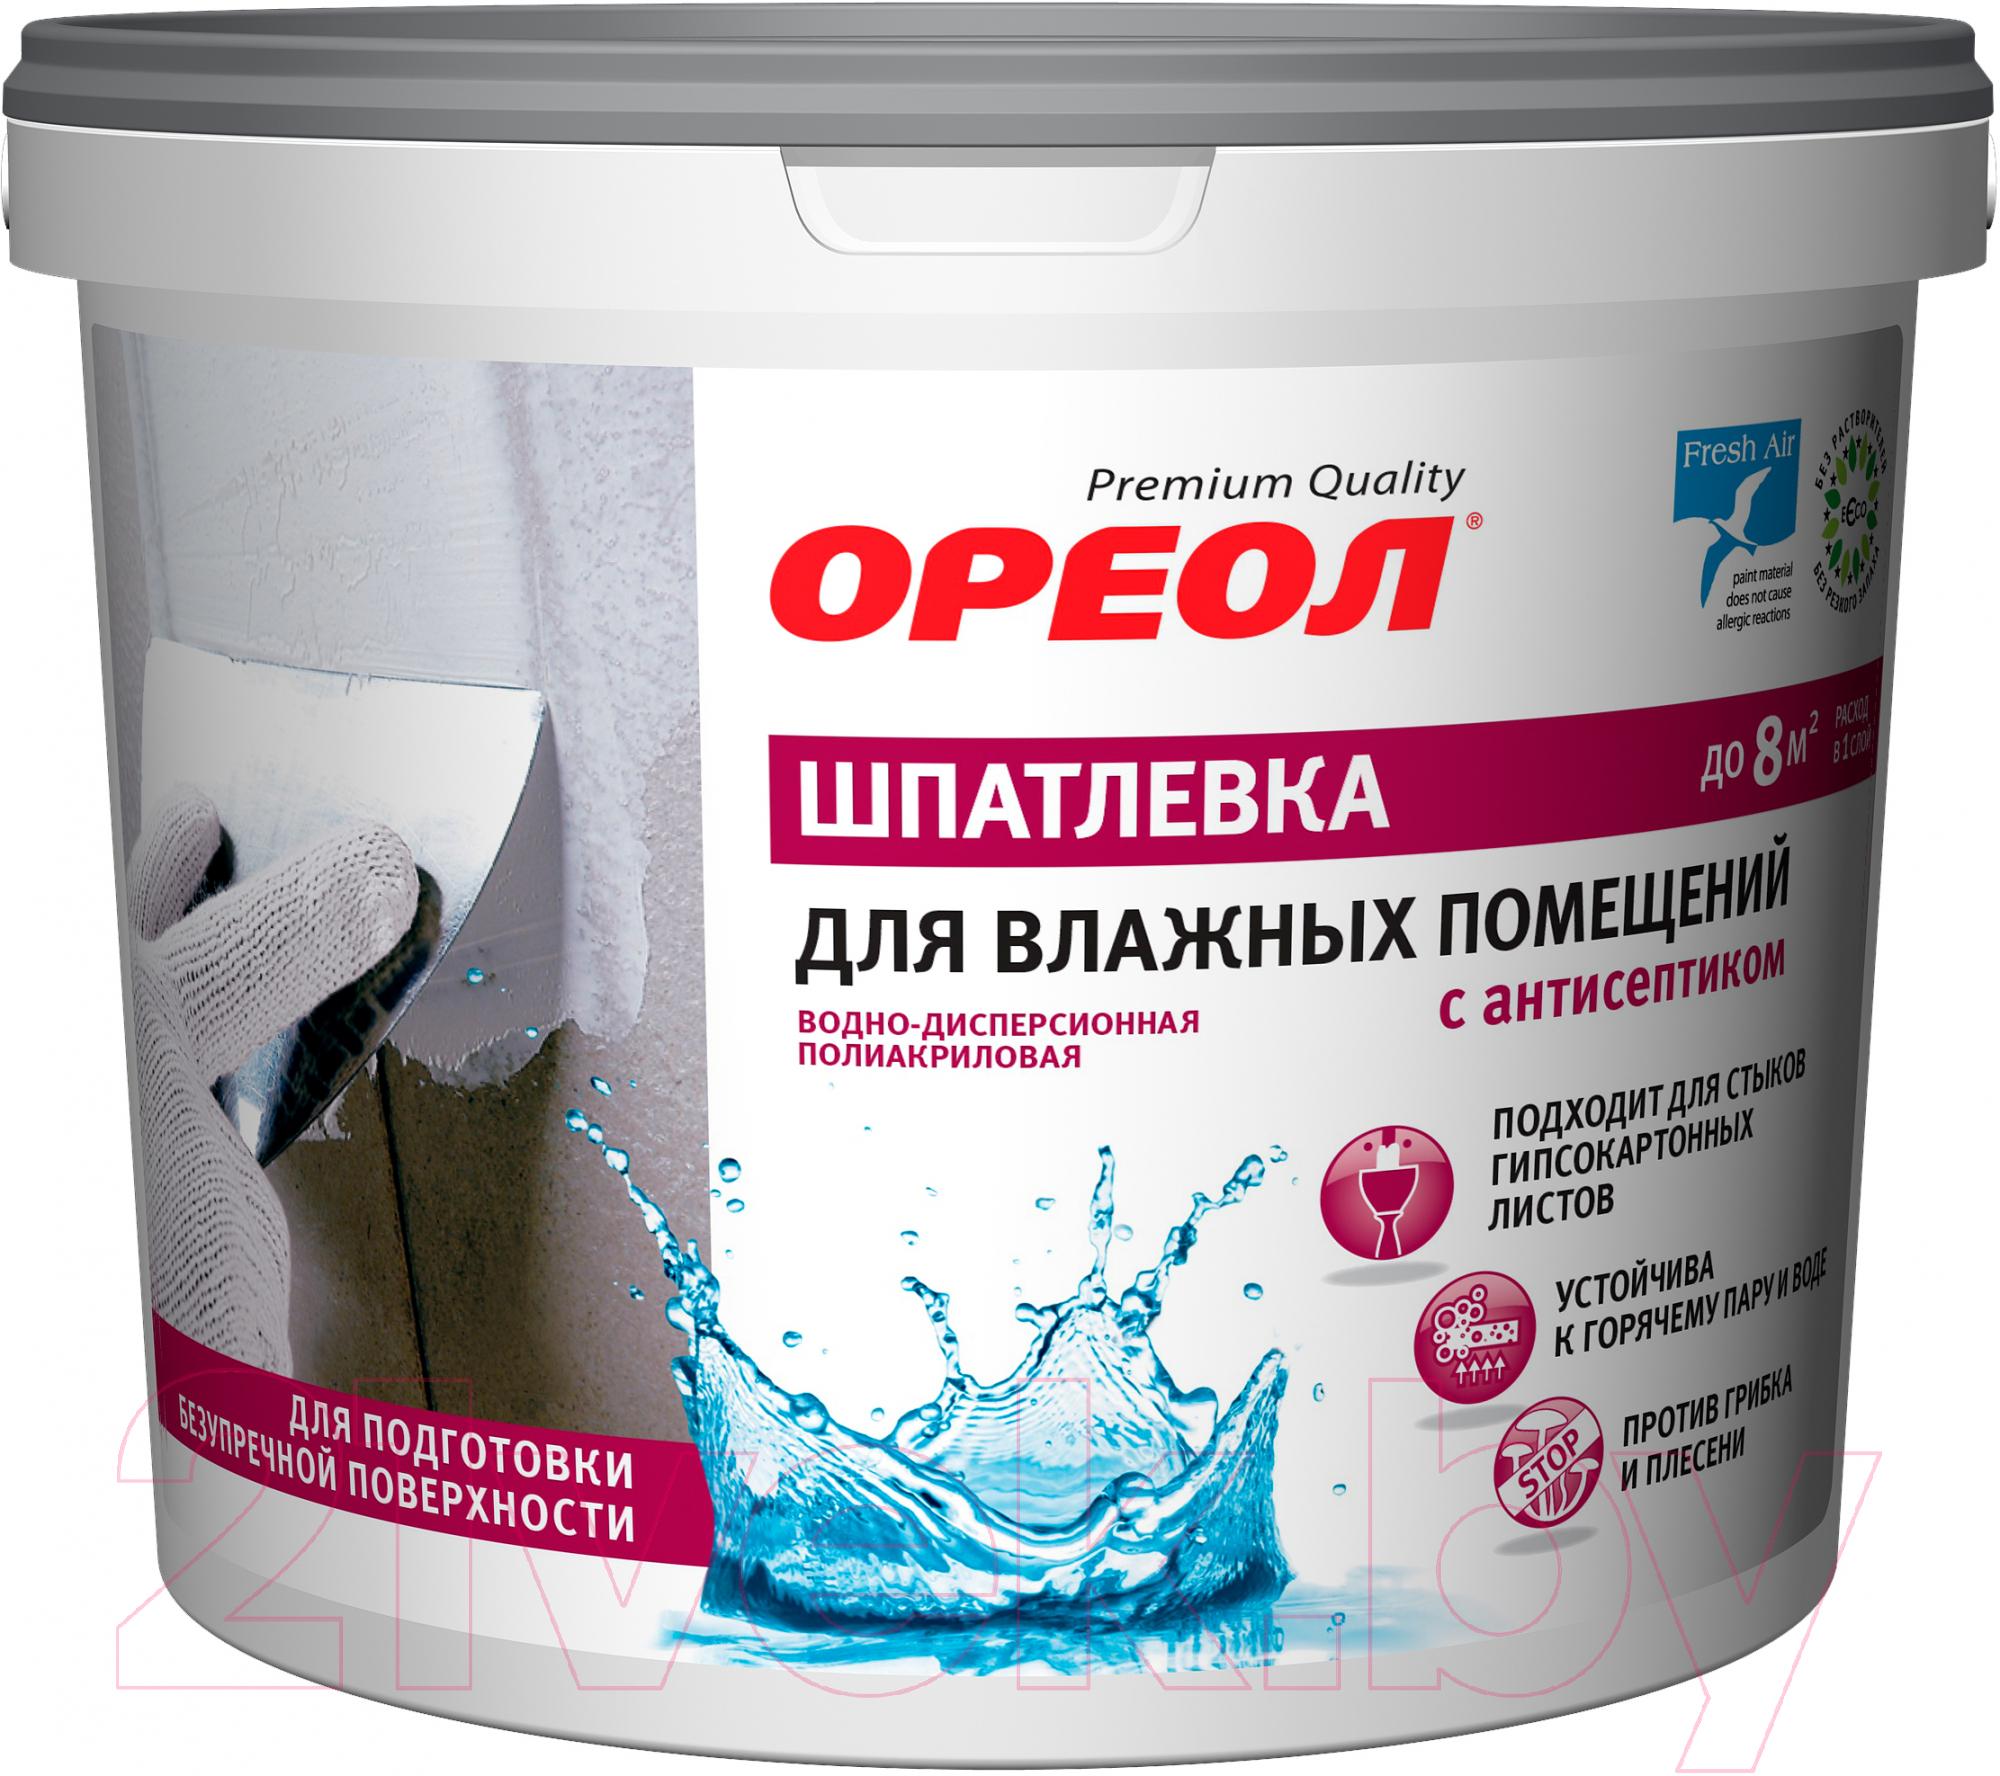 Купить Шпатлевка Ореол, Для влажных помещений с антисептиком (4кг), Россия